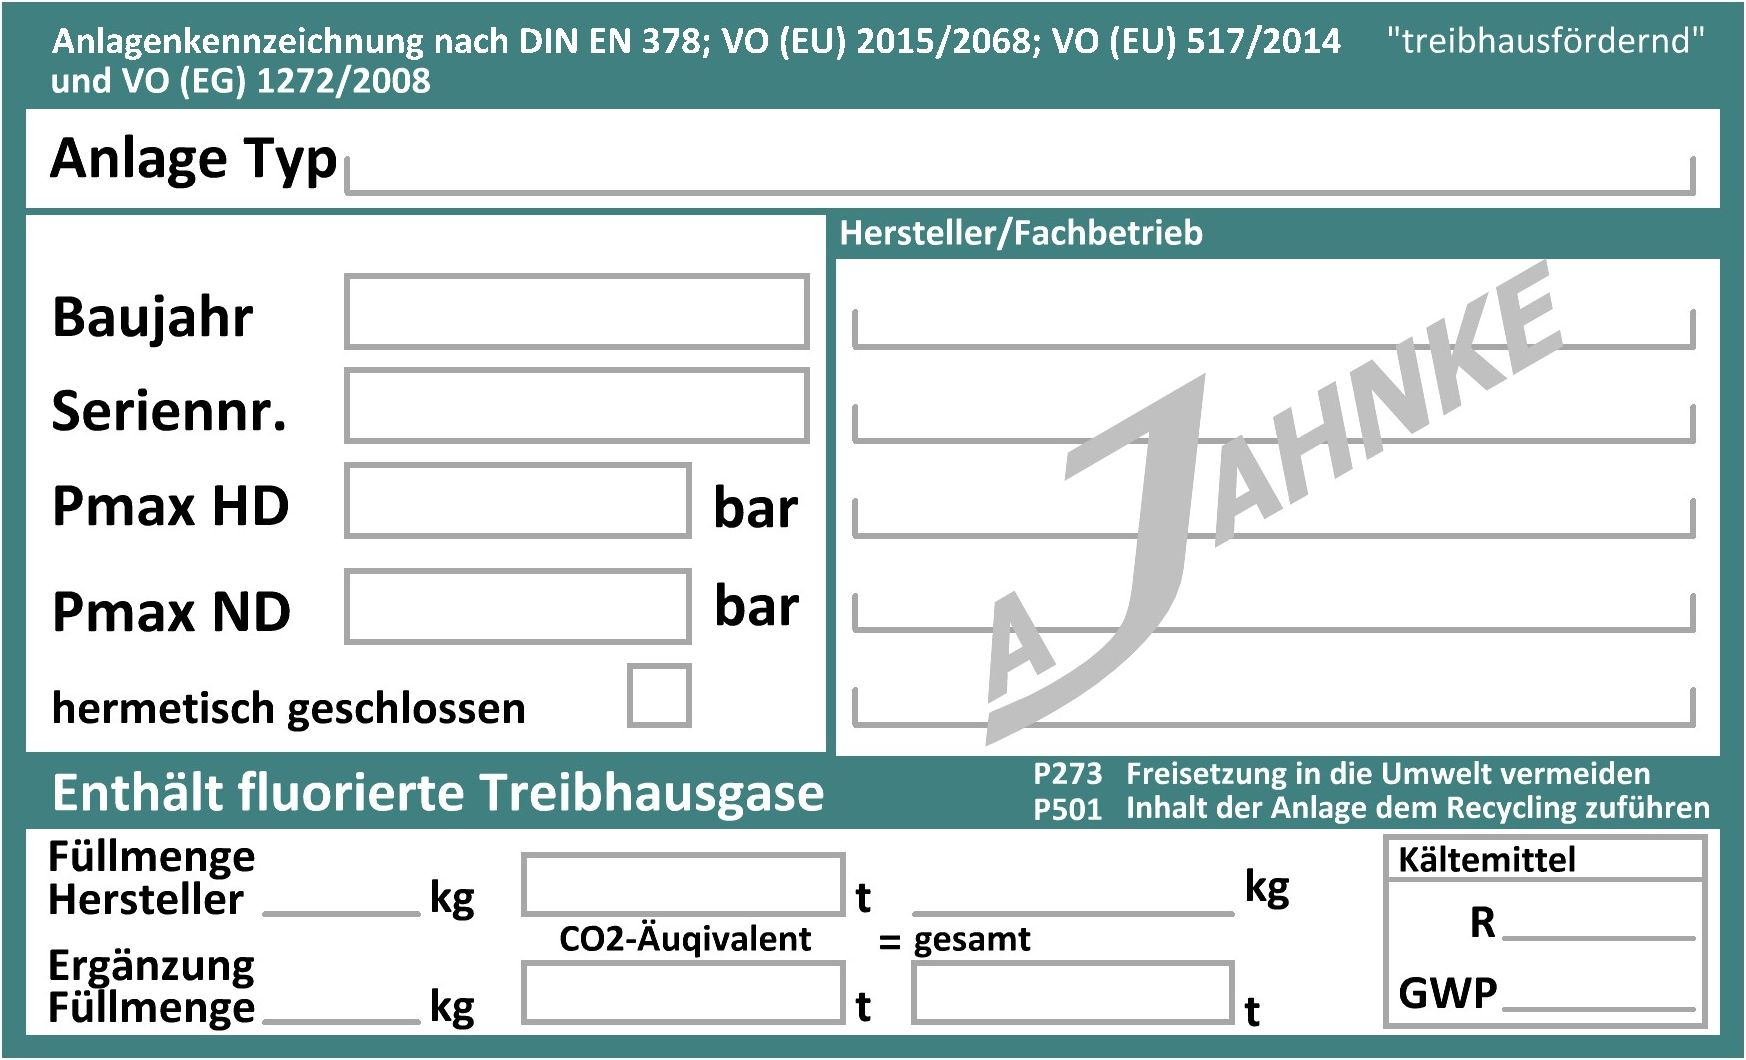 kennzeichnung von klteanlagen nach vo eu 20152068 und en 378 - Fachunternehmererklrung Muster